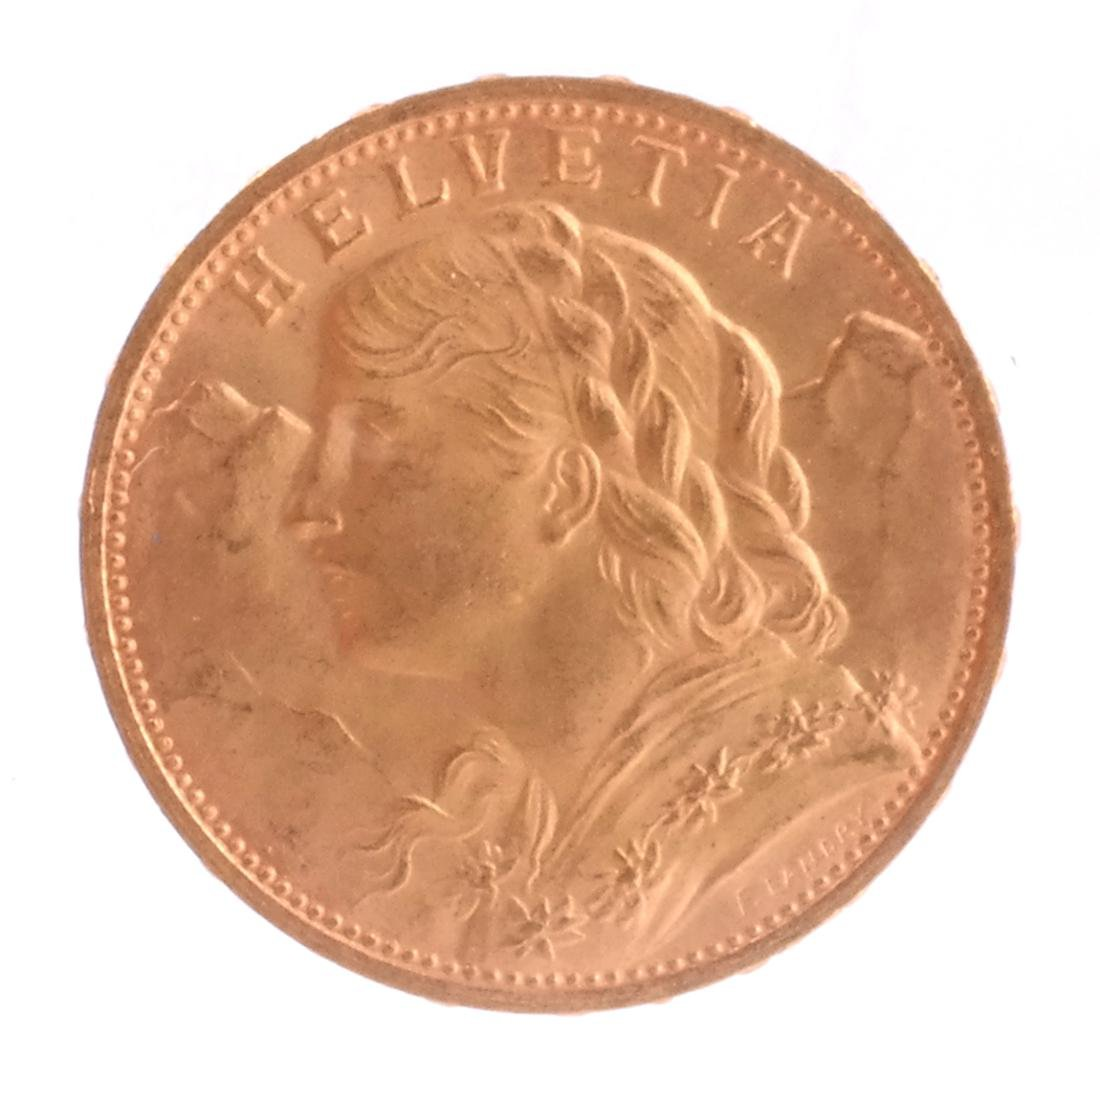 1927-B 20 Francs Swiss Gold